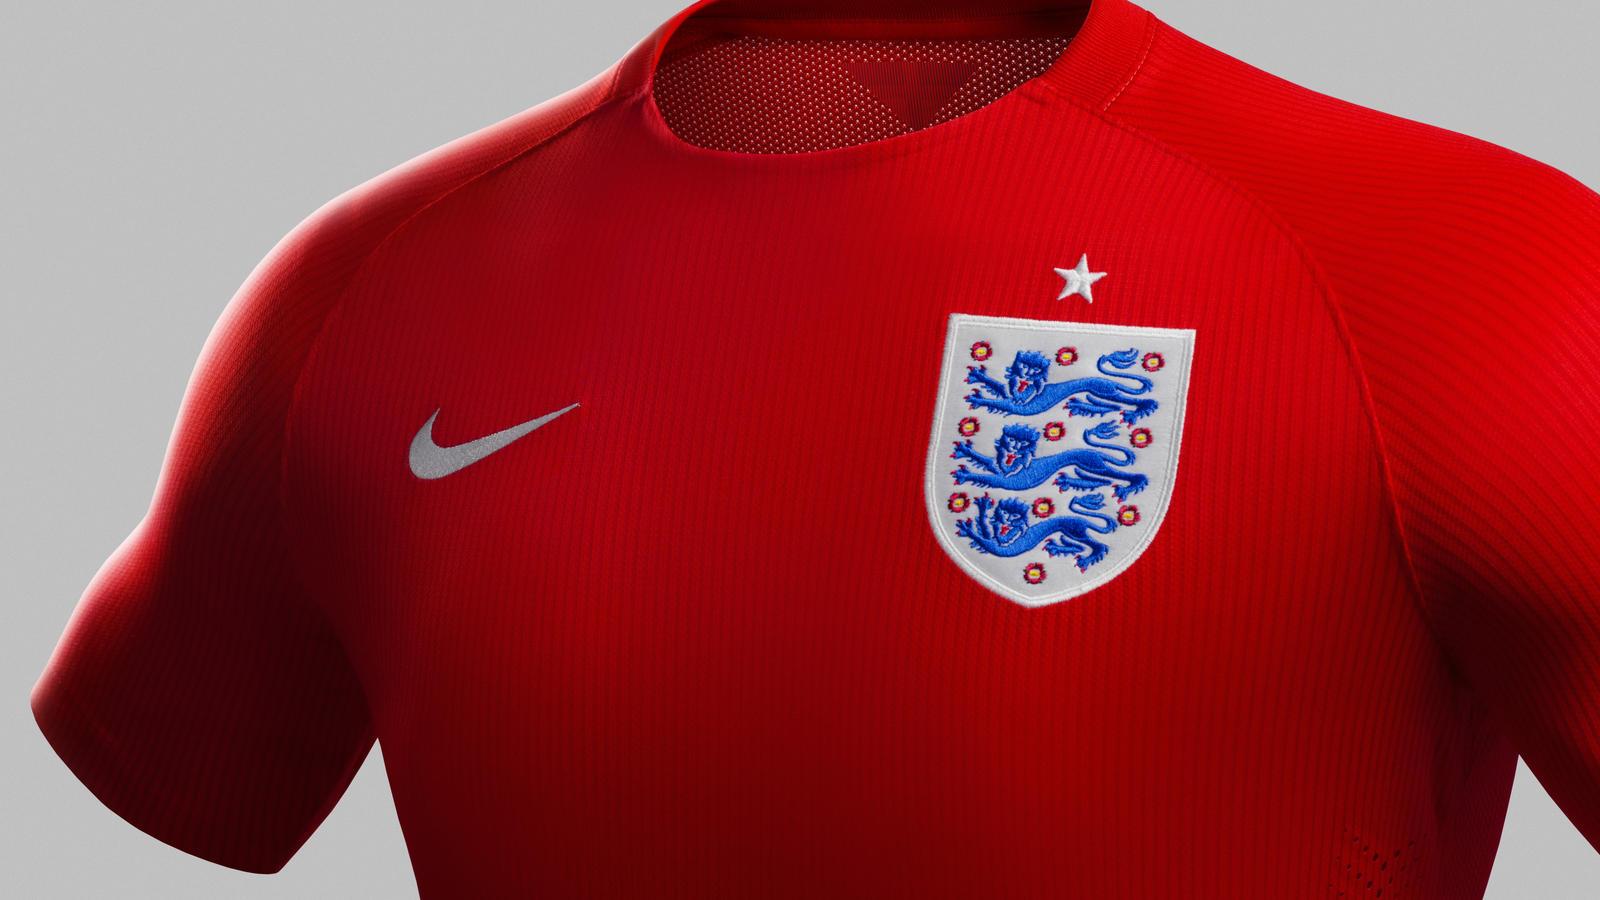 England away shirt (collar)